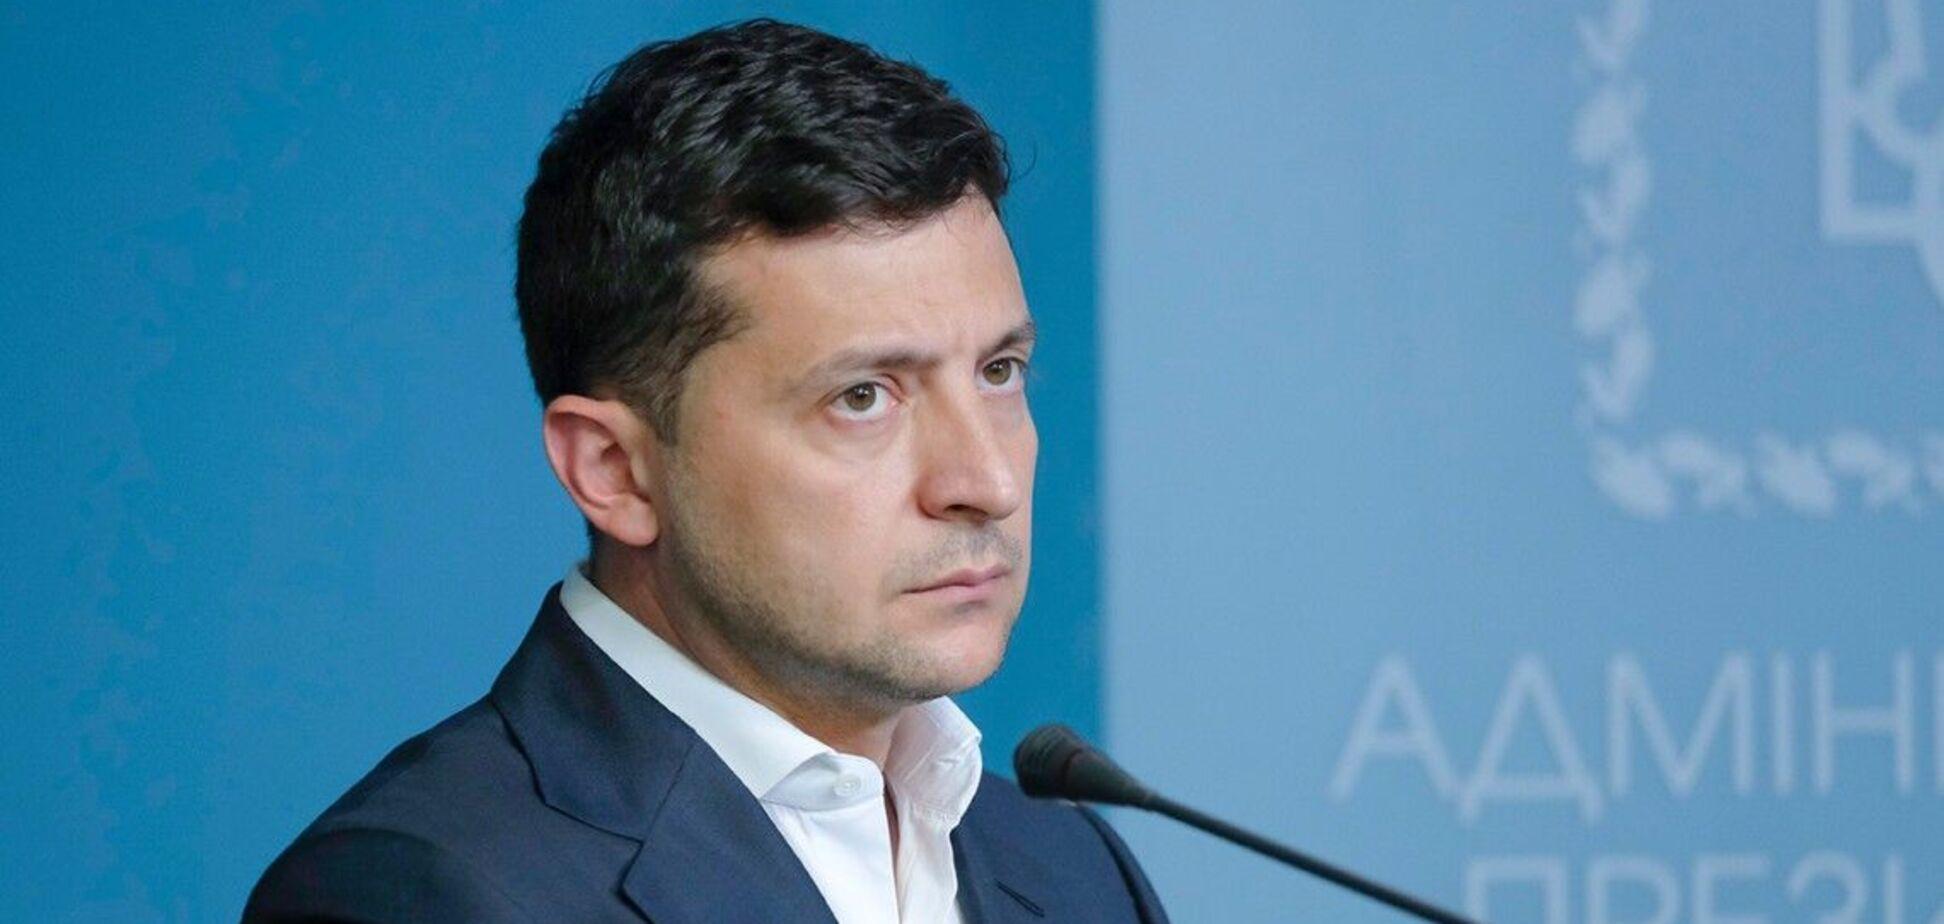 Зеленский рассказал о планах по поводу Крыма и Донбасса